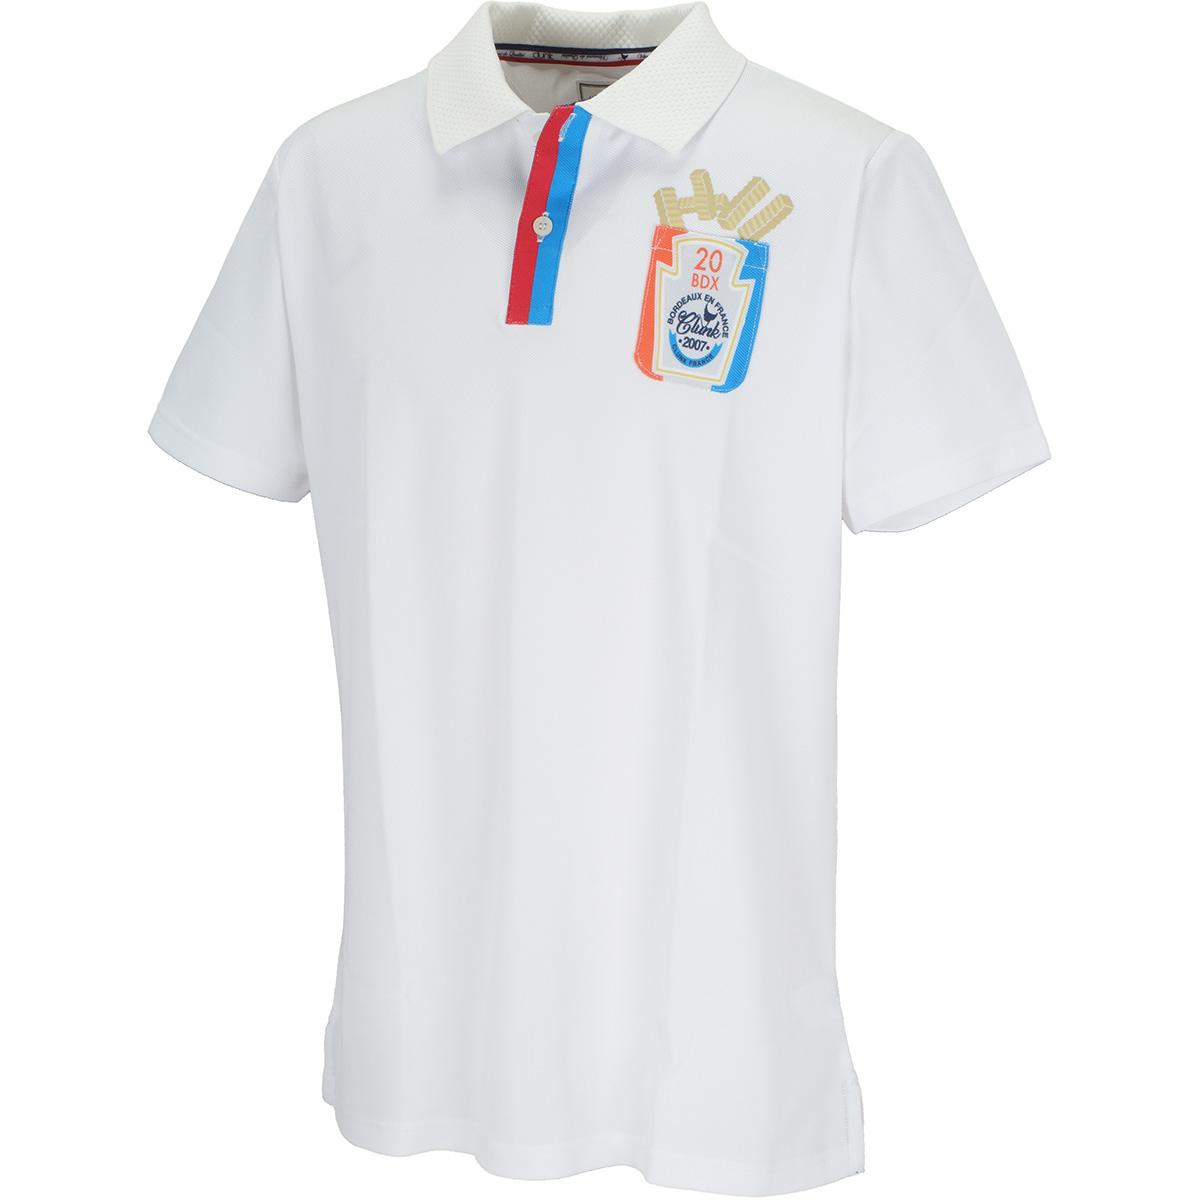 ストレッチ ポテトポケット 半袖ポロシャツ